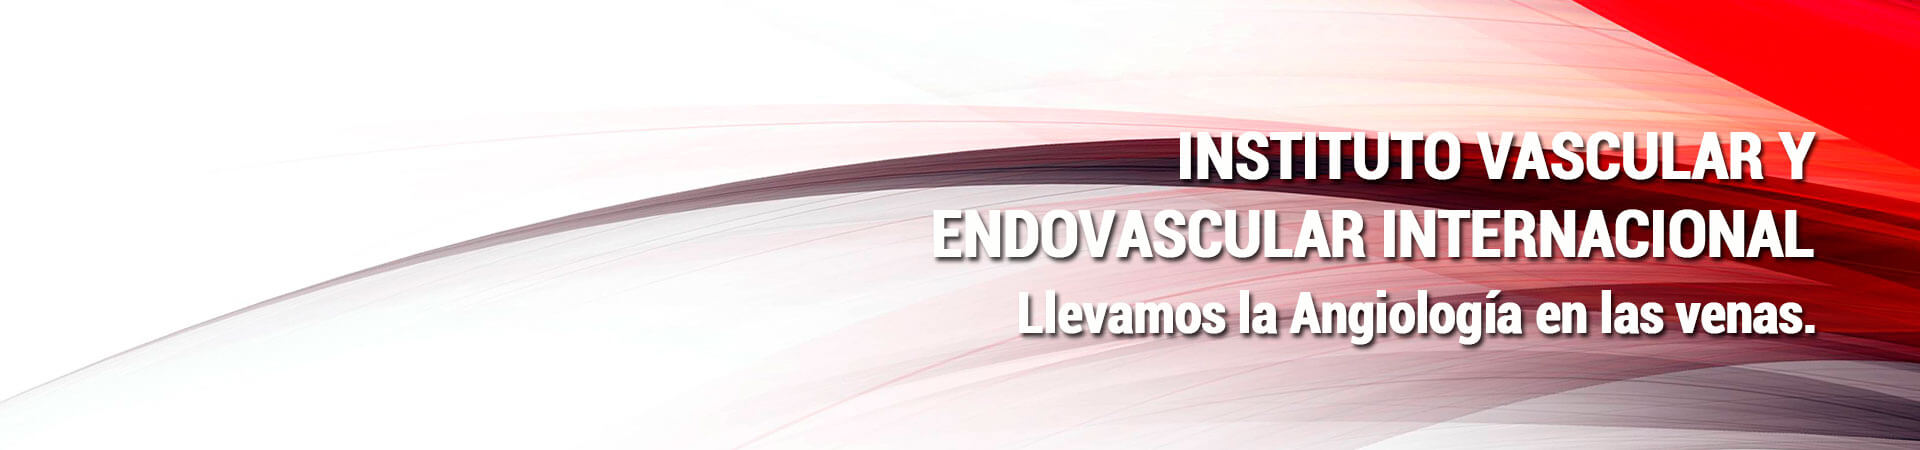 slide_cierre_angiologia_venas_completo